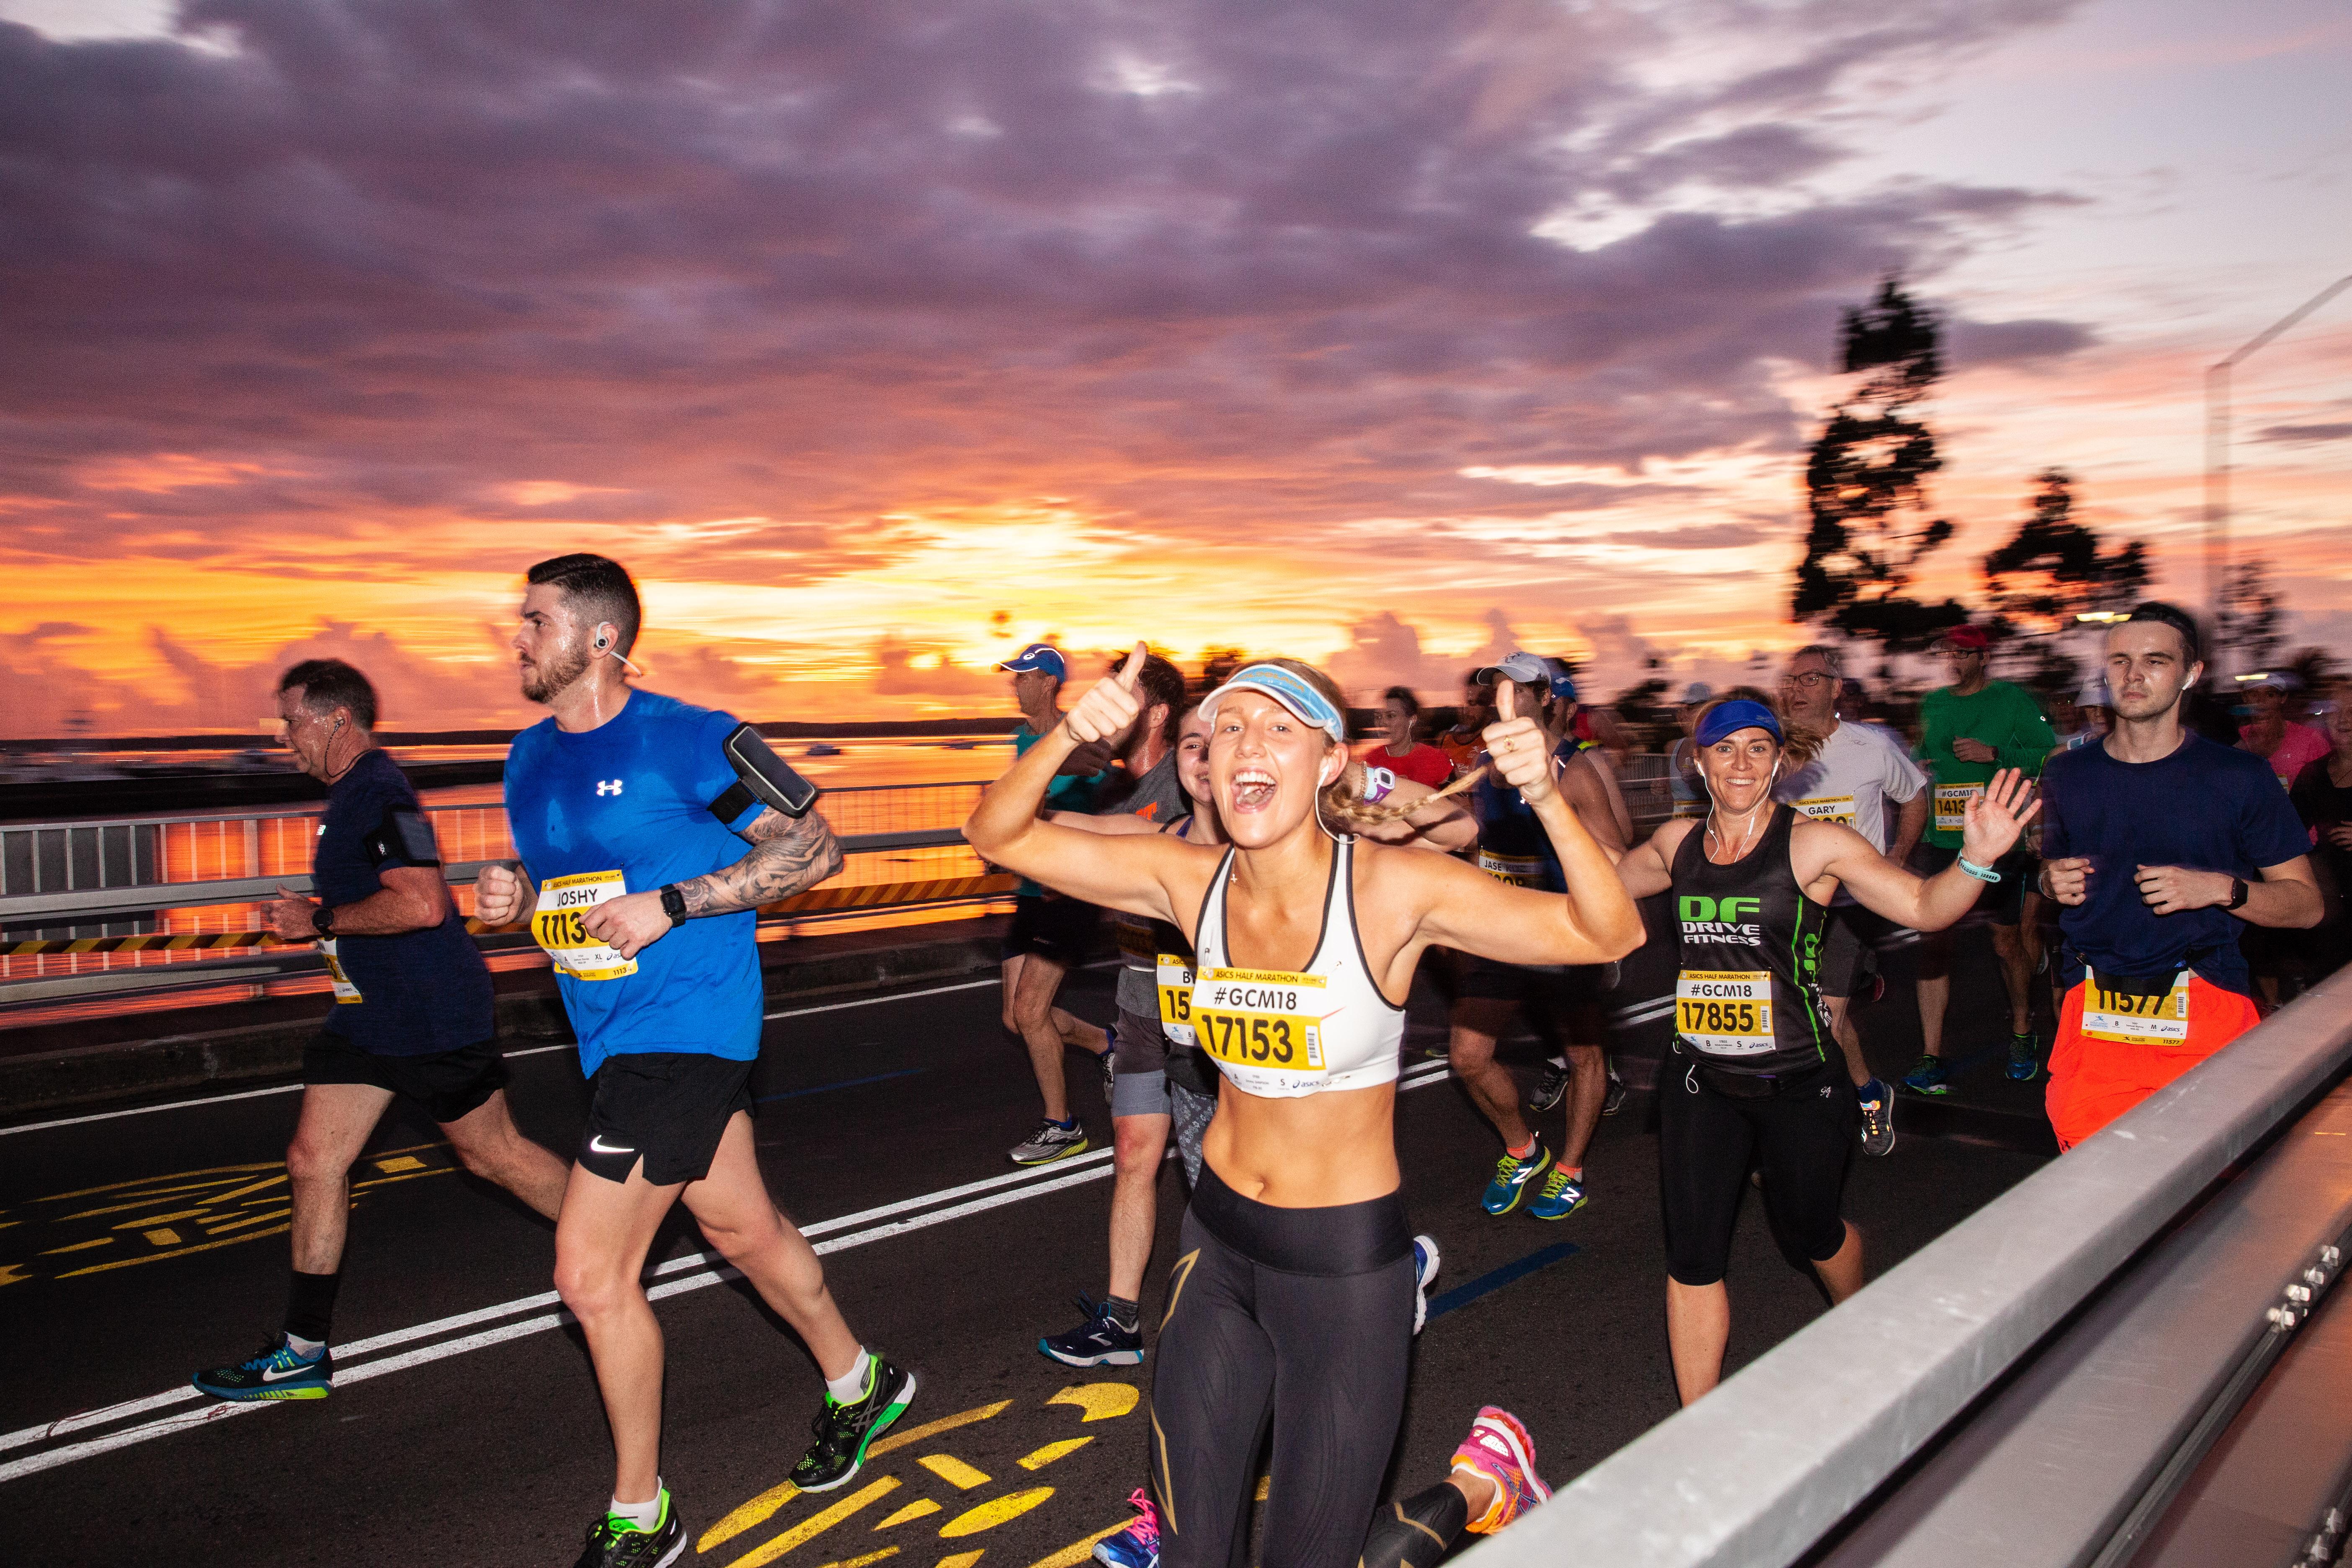 GCM19 21km sunrise with runner giving th